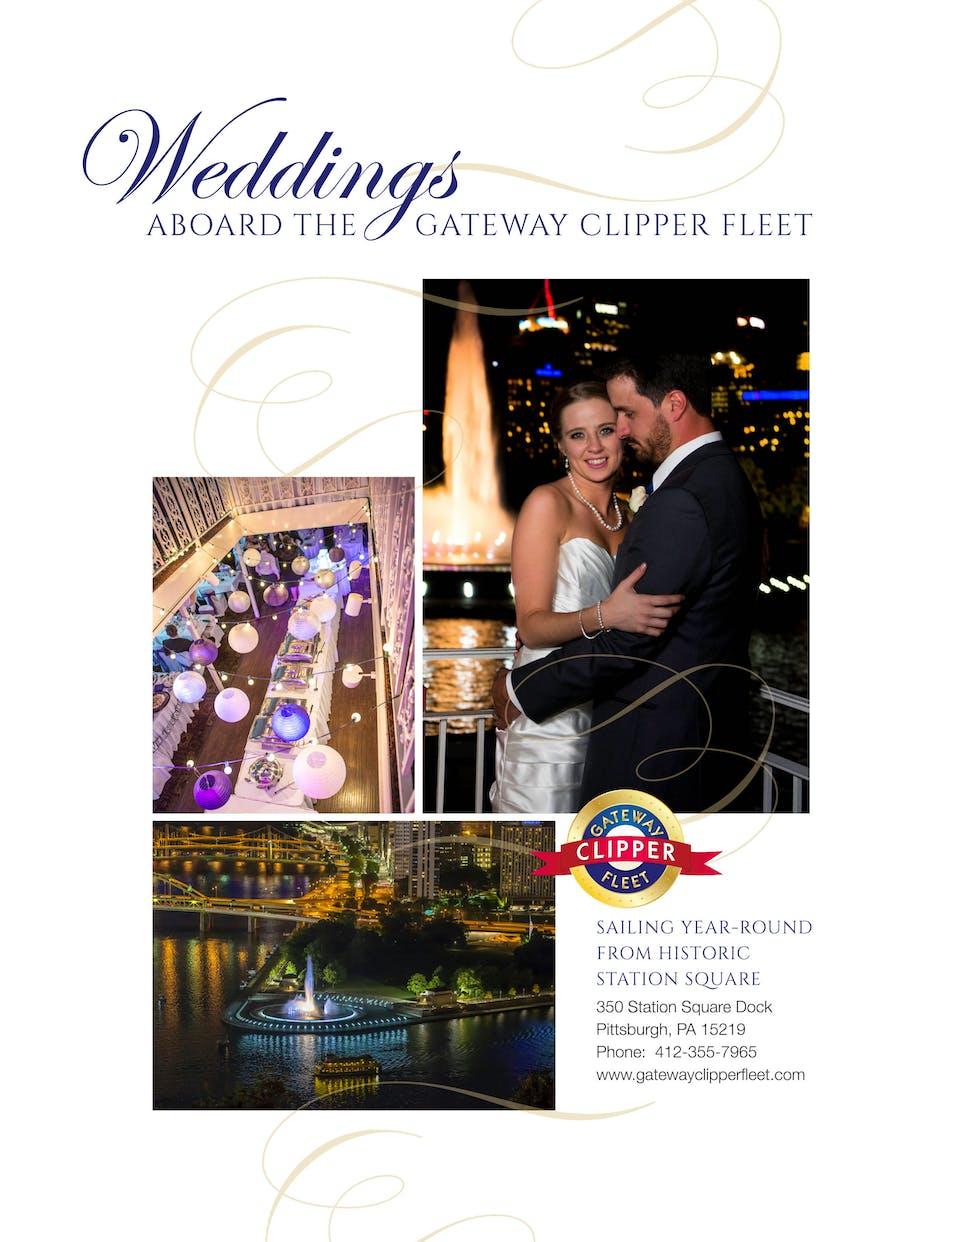 GATEWAY CLIPPER FLEET WEDDINGS button